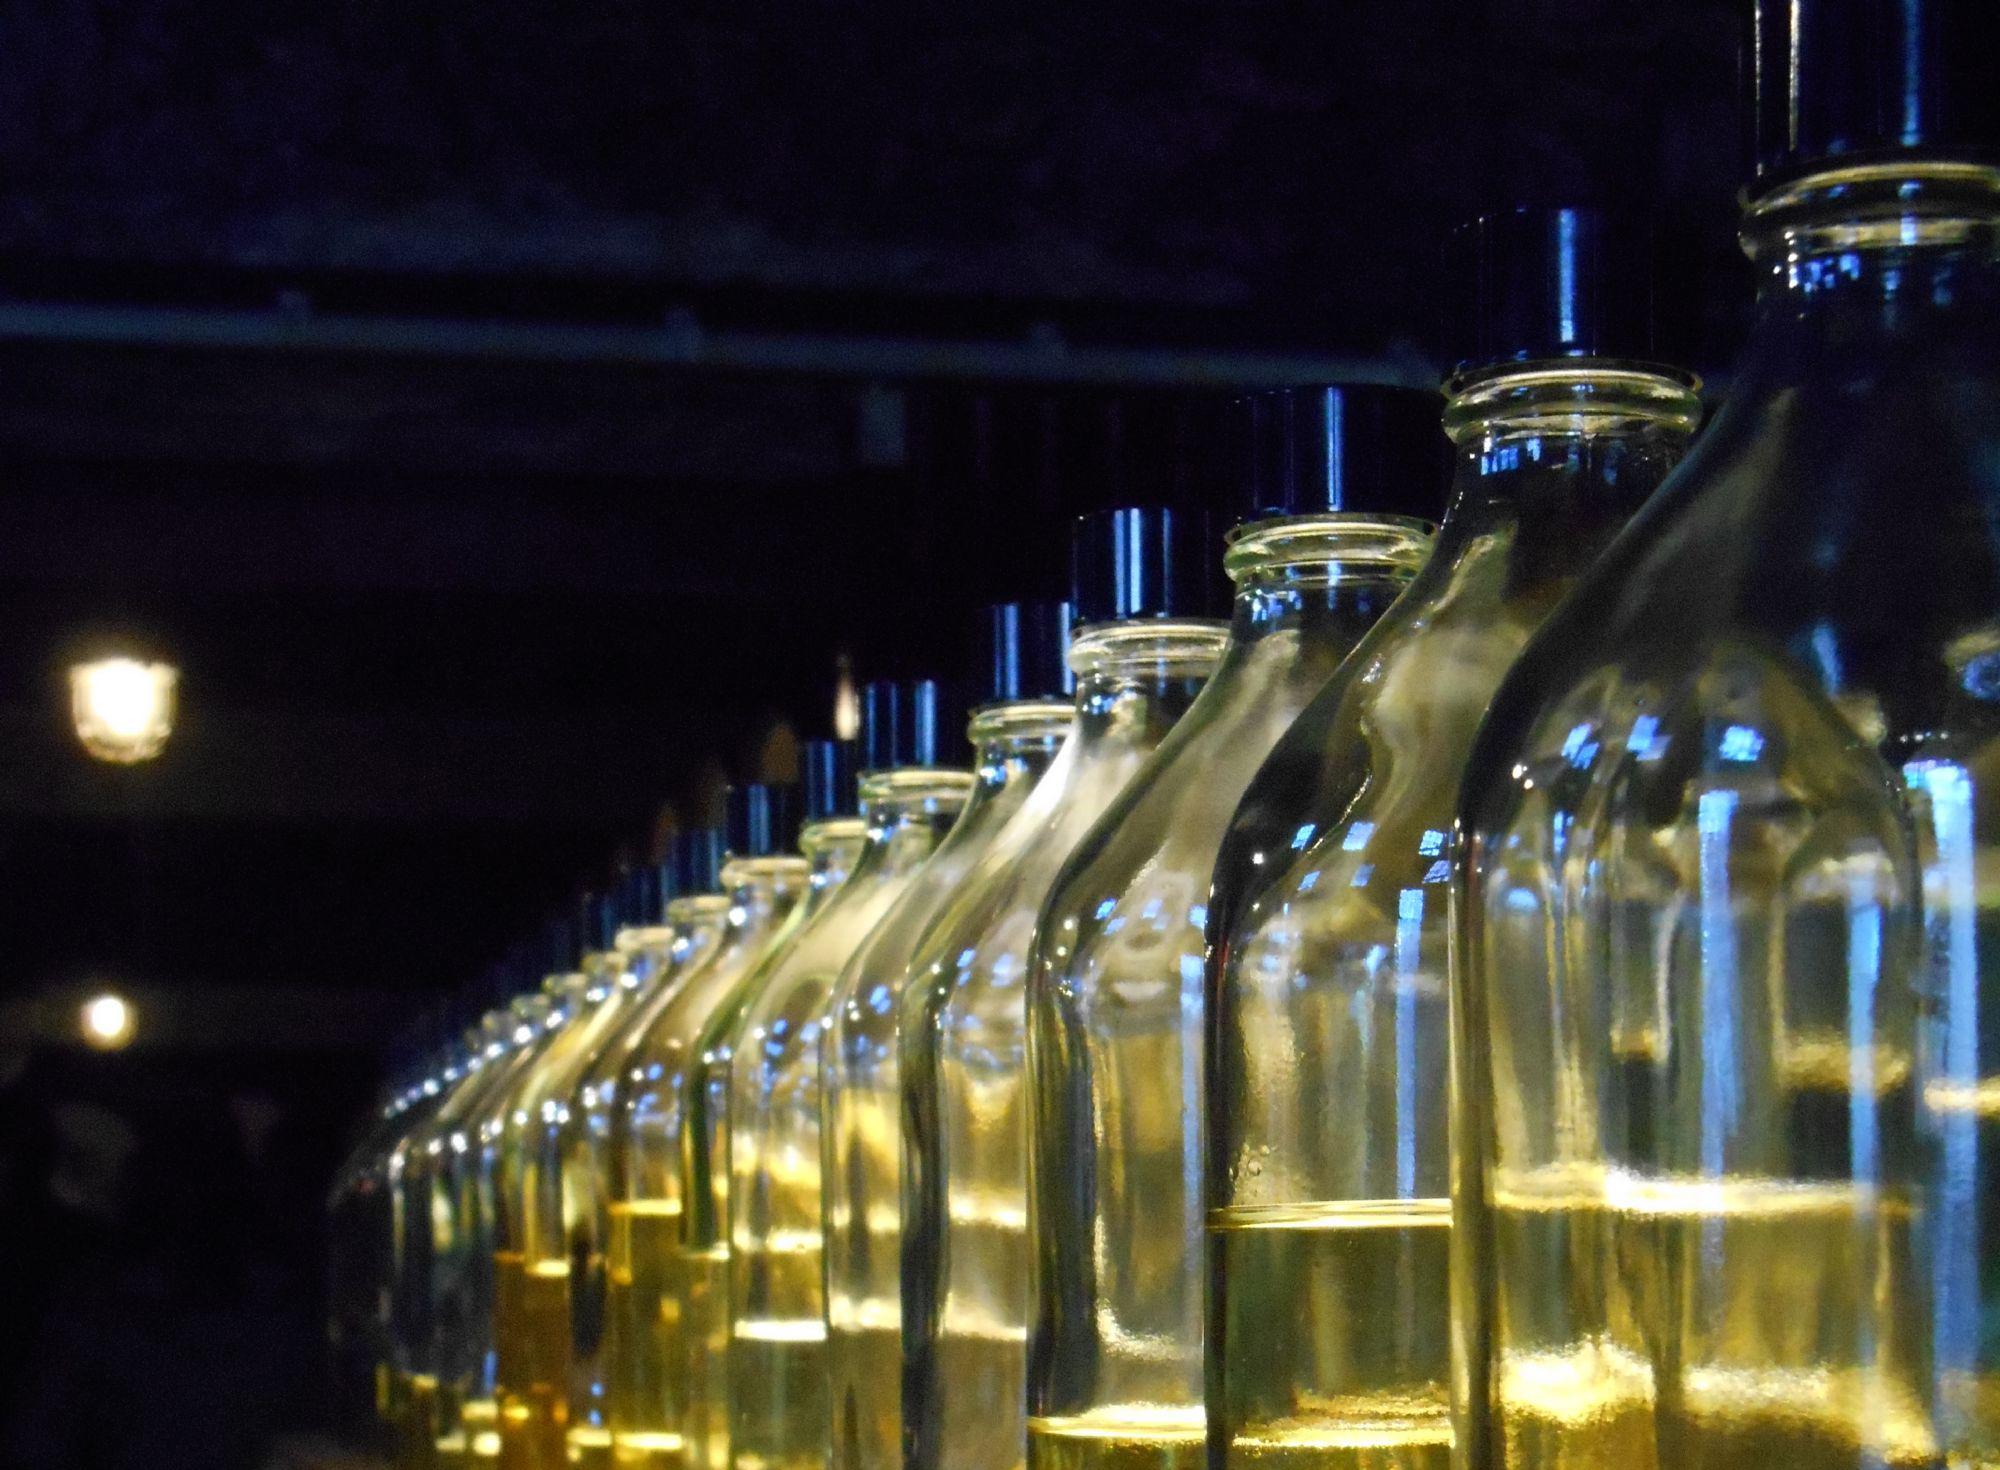 Whisky :-)